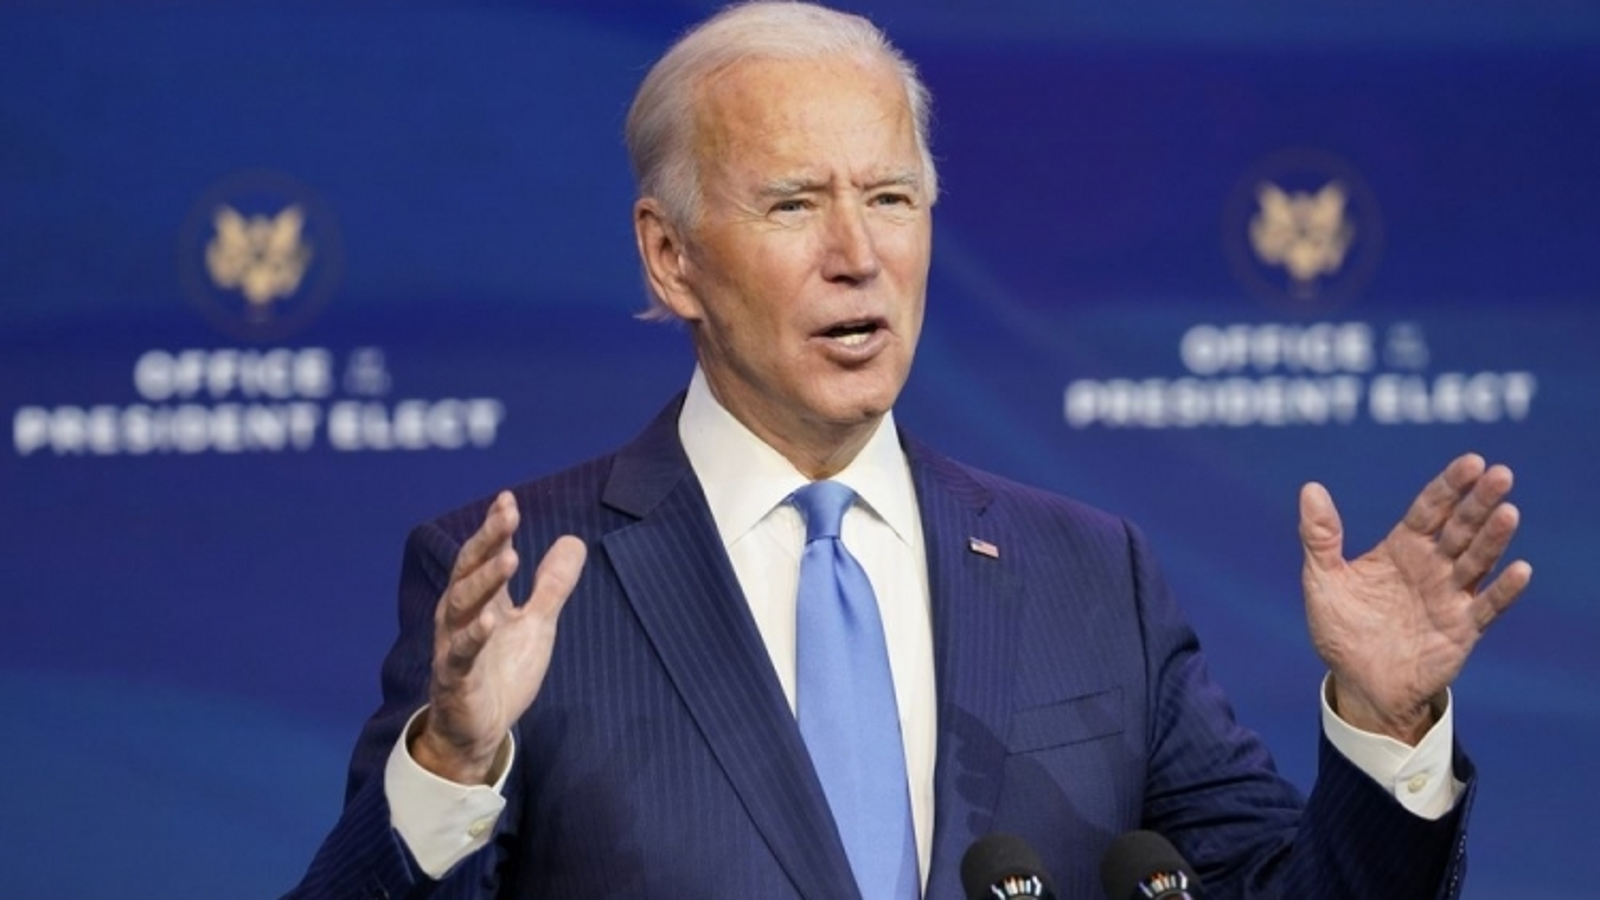 Lãnh đạo đảng Cộng hòa tại Thượng viện chúc mừng ông Joe Biden đắc cử Tổng thống